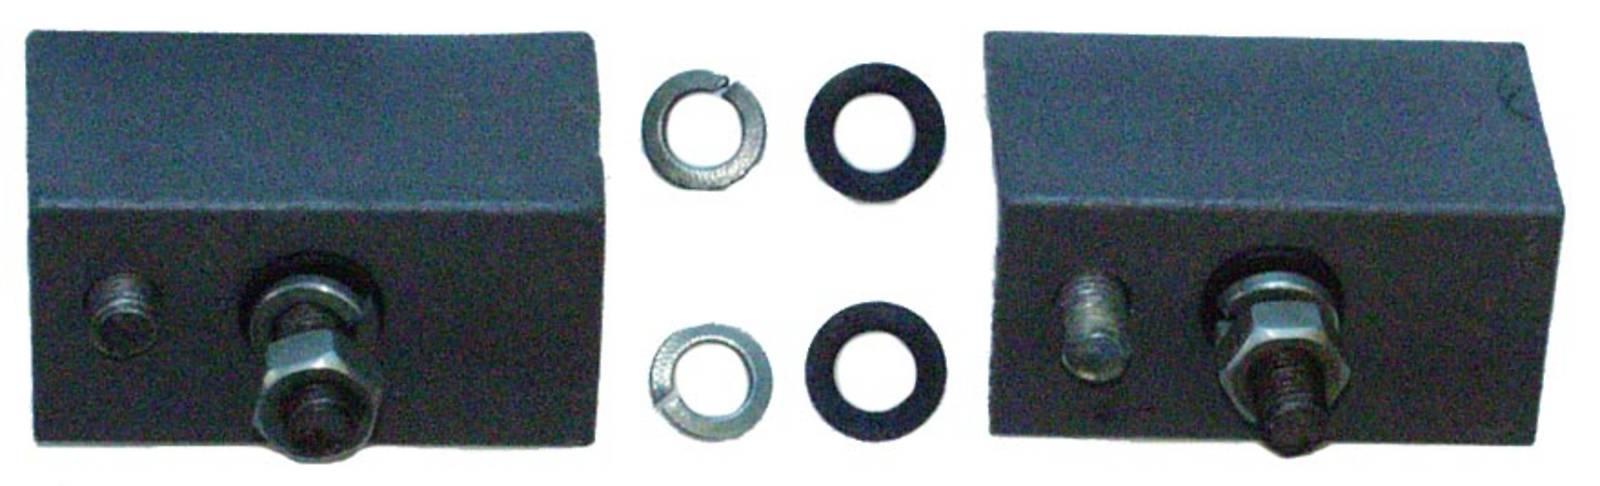 Комплект крепежа к анкерным опорам, удлиненный